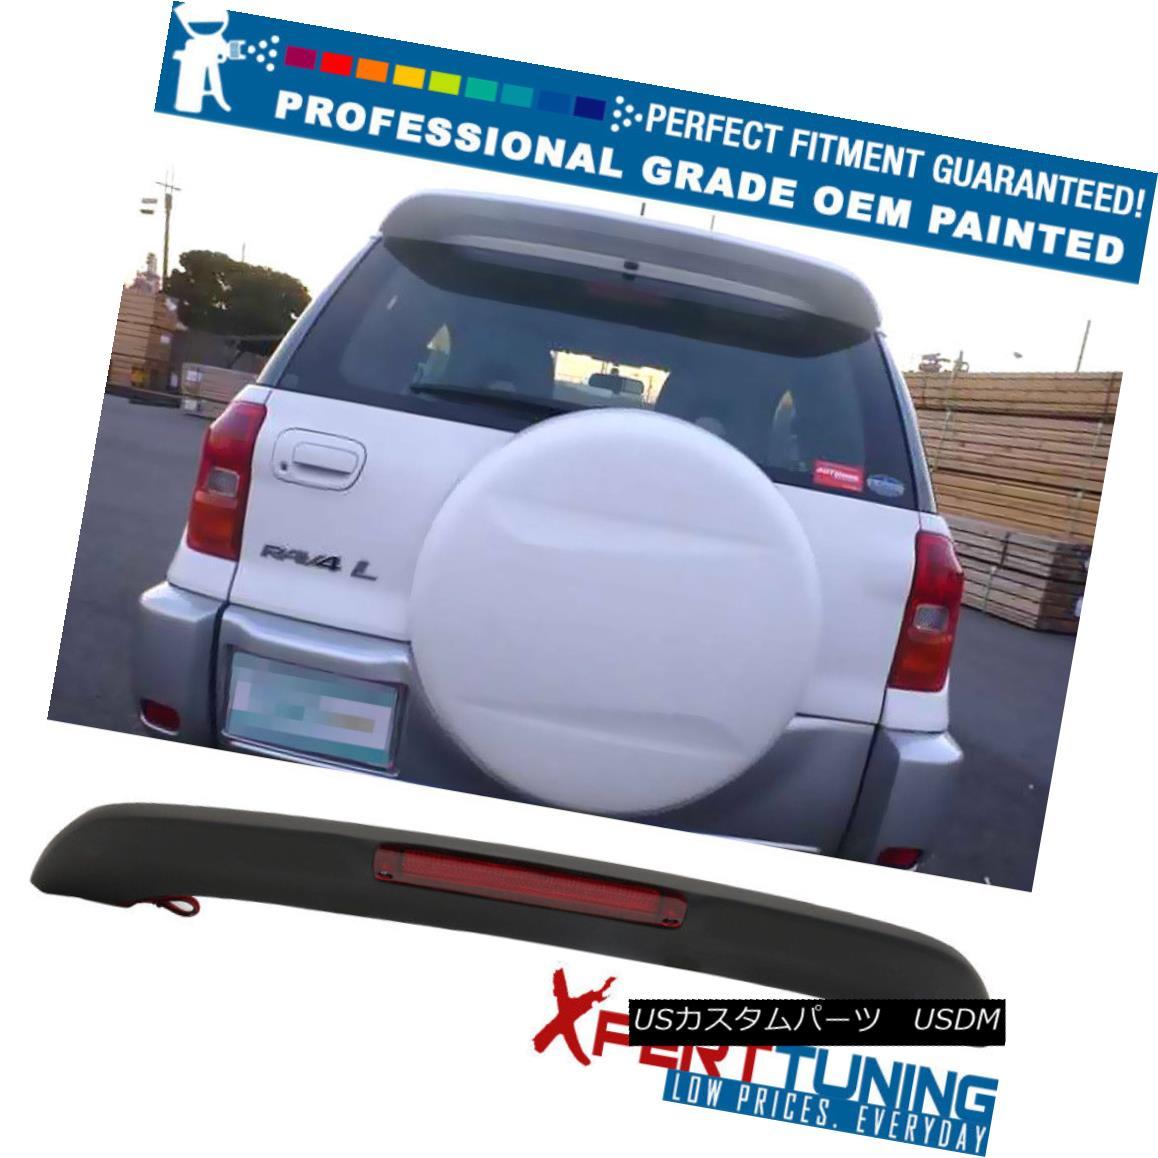 エアロパーツ Fit 01-05 Toyota RAV4 XA20 OE Factory Roof Spoiler &LED Brake OEM Painted Color フィット01-05トヨタRAV4 XA20 OE工場ルーフスポイラー&LEDブレーキOEM塗装色